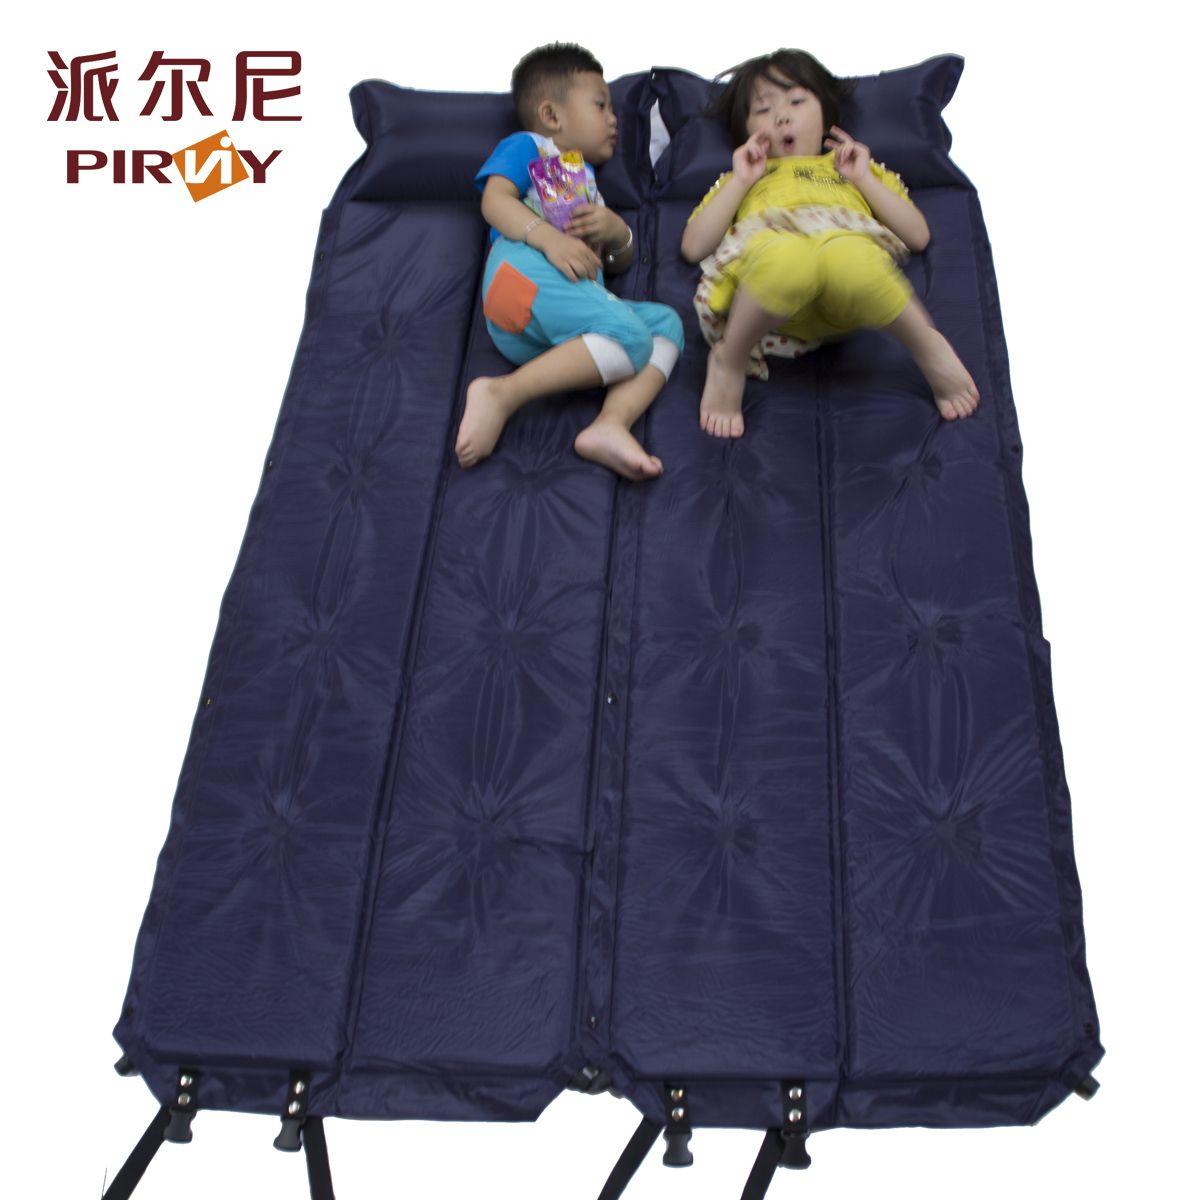 Kids Air Mattress With Sleeping Bag Air Mattress Pinterest Air